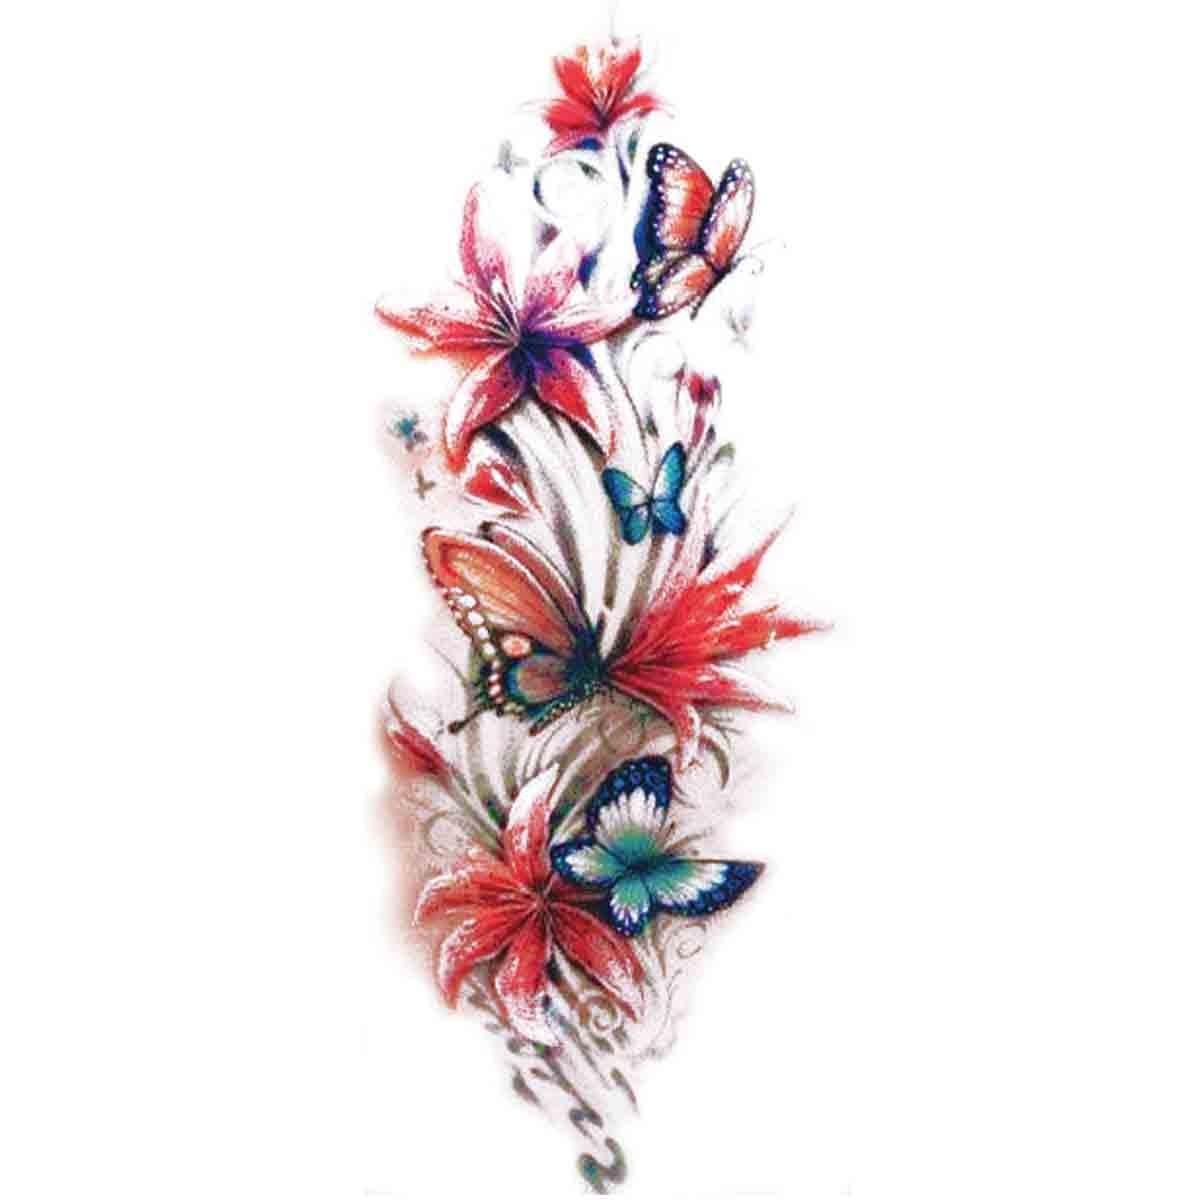 Tattoos temporaires fleurs et papillons - Image papillon et fleur ...